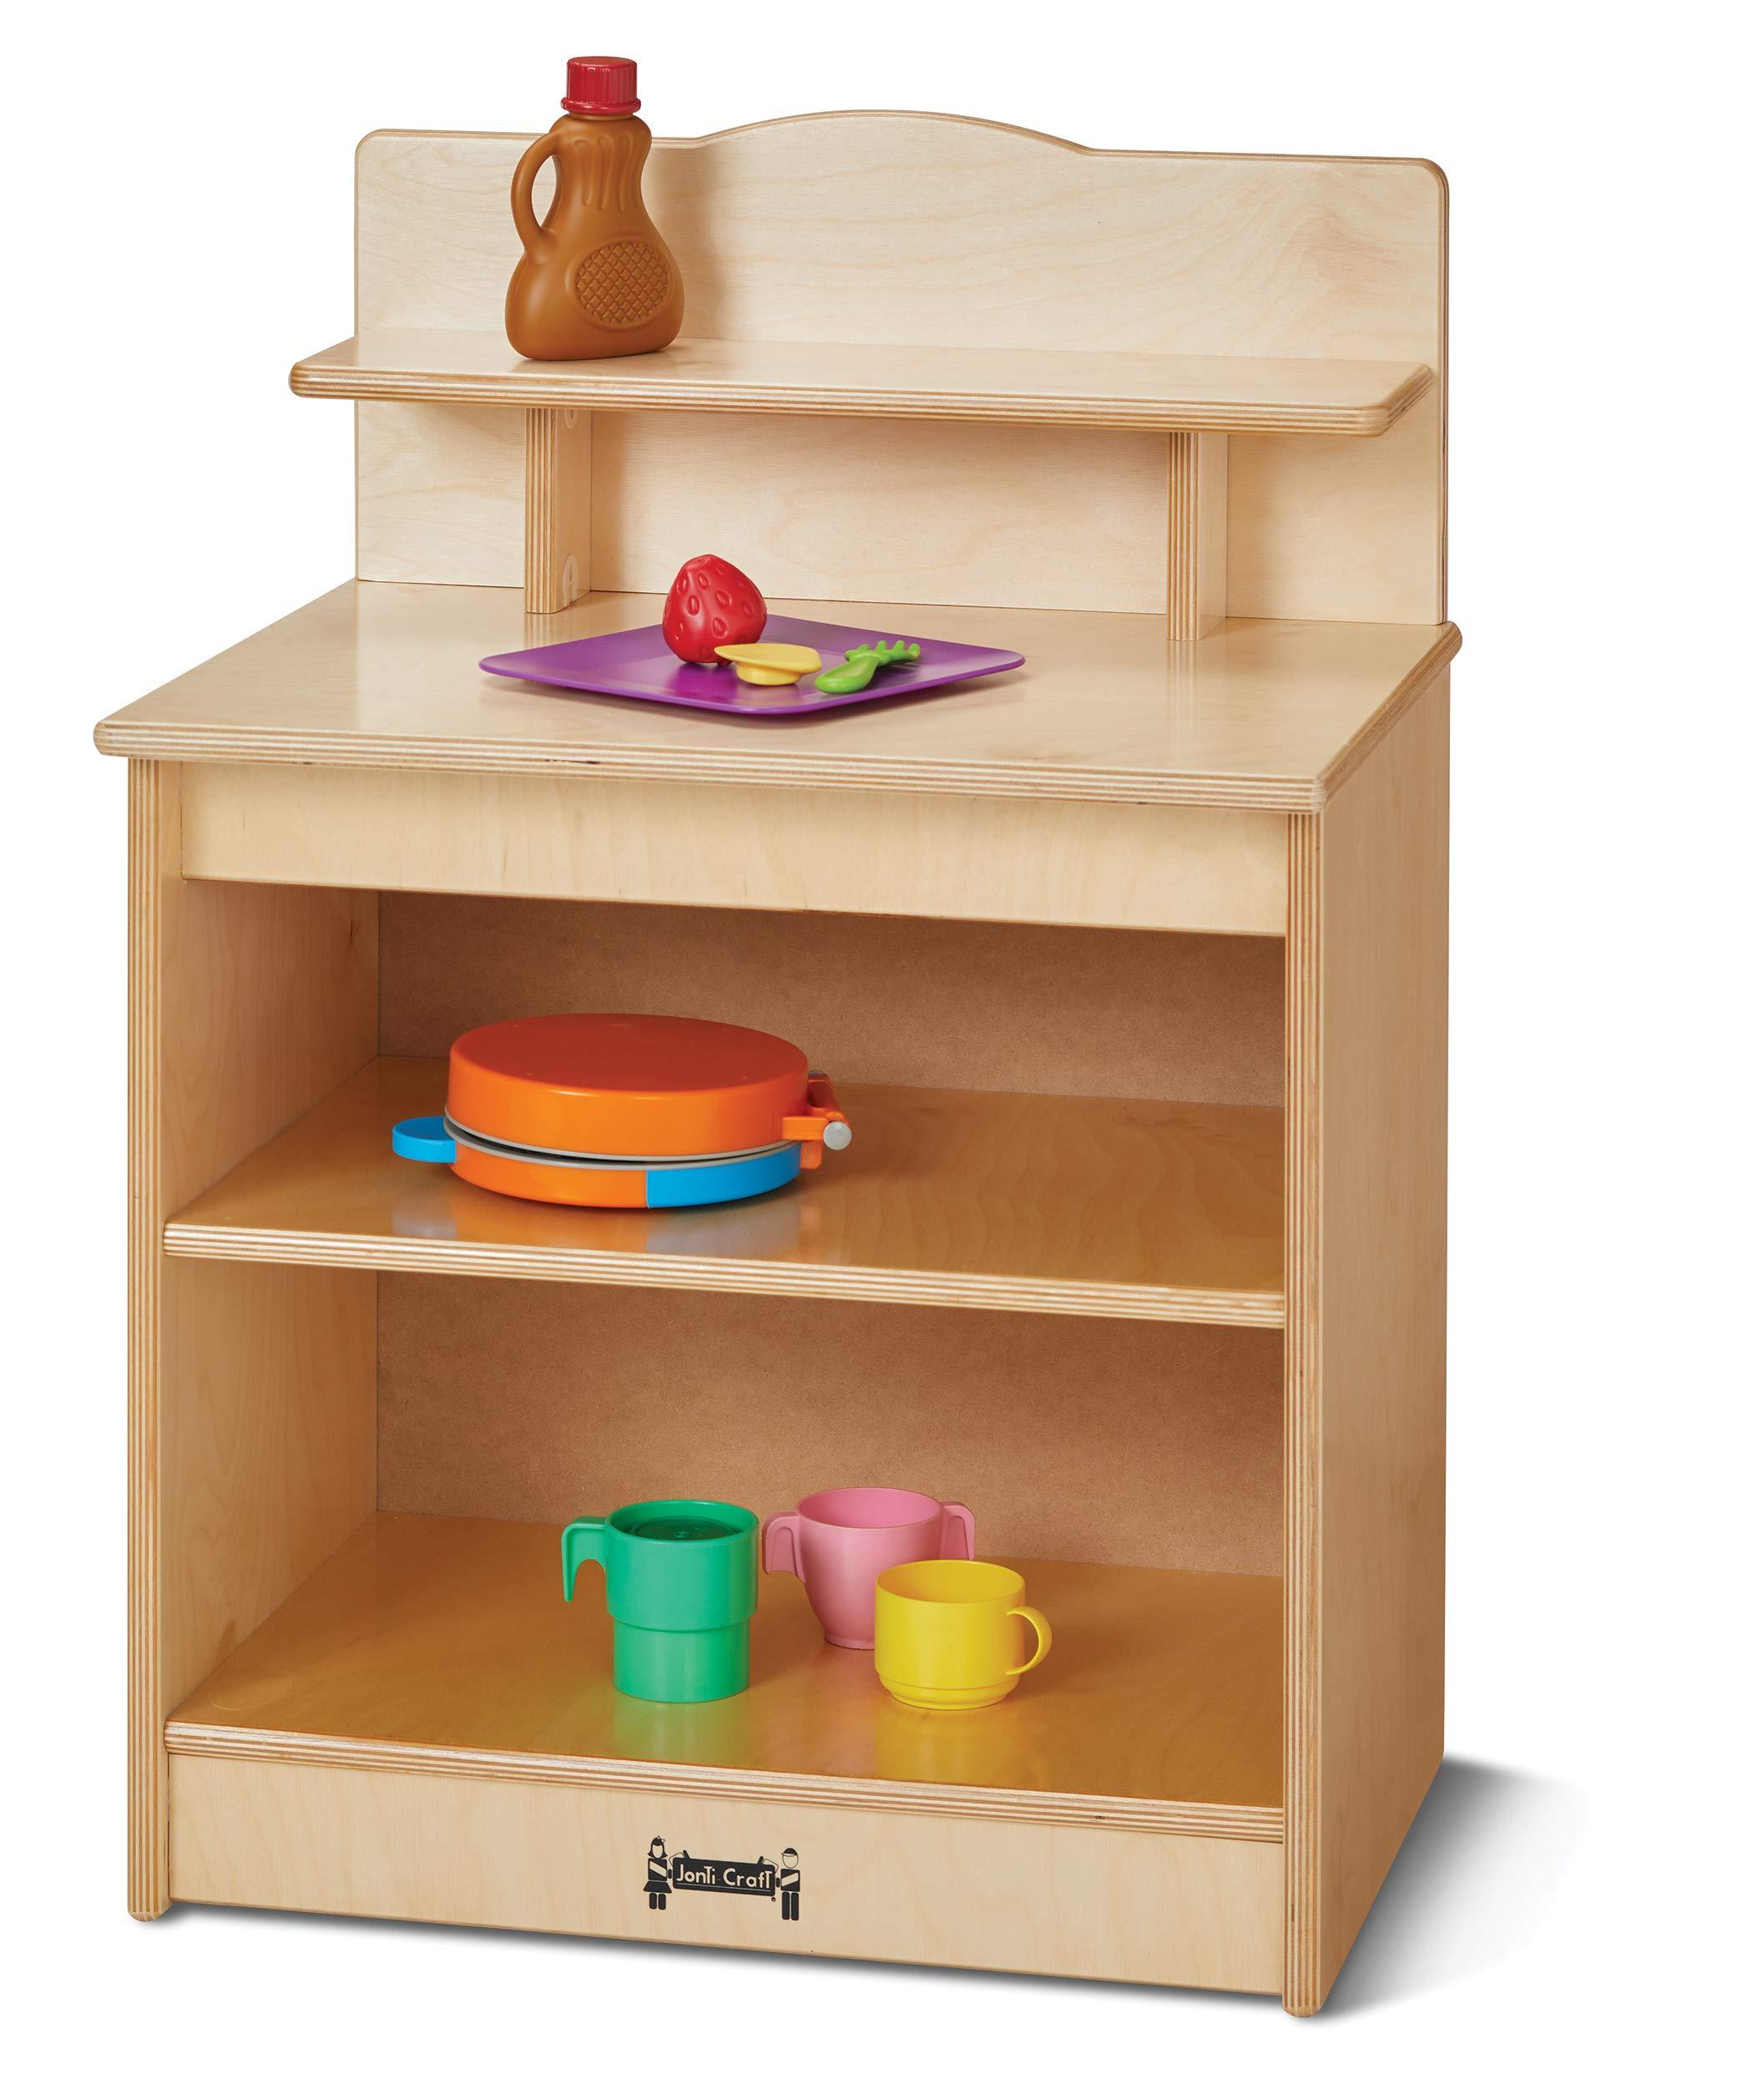 Jonti-Craft 2427JC Toddler Kitchen Cupboard